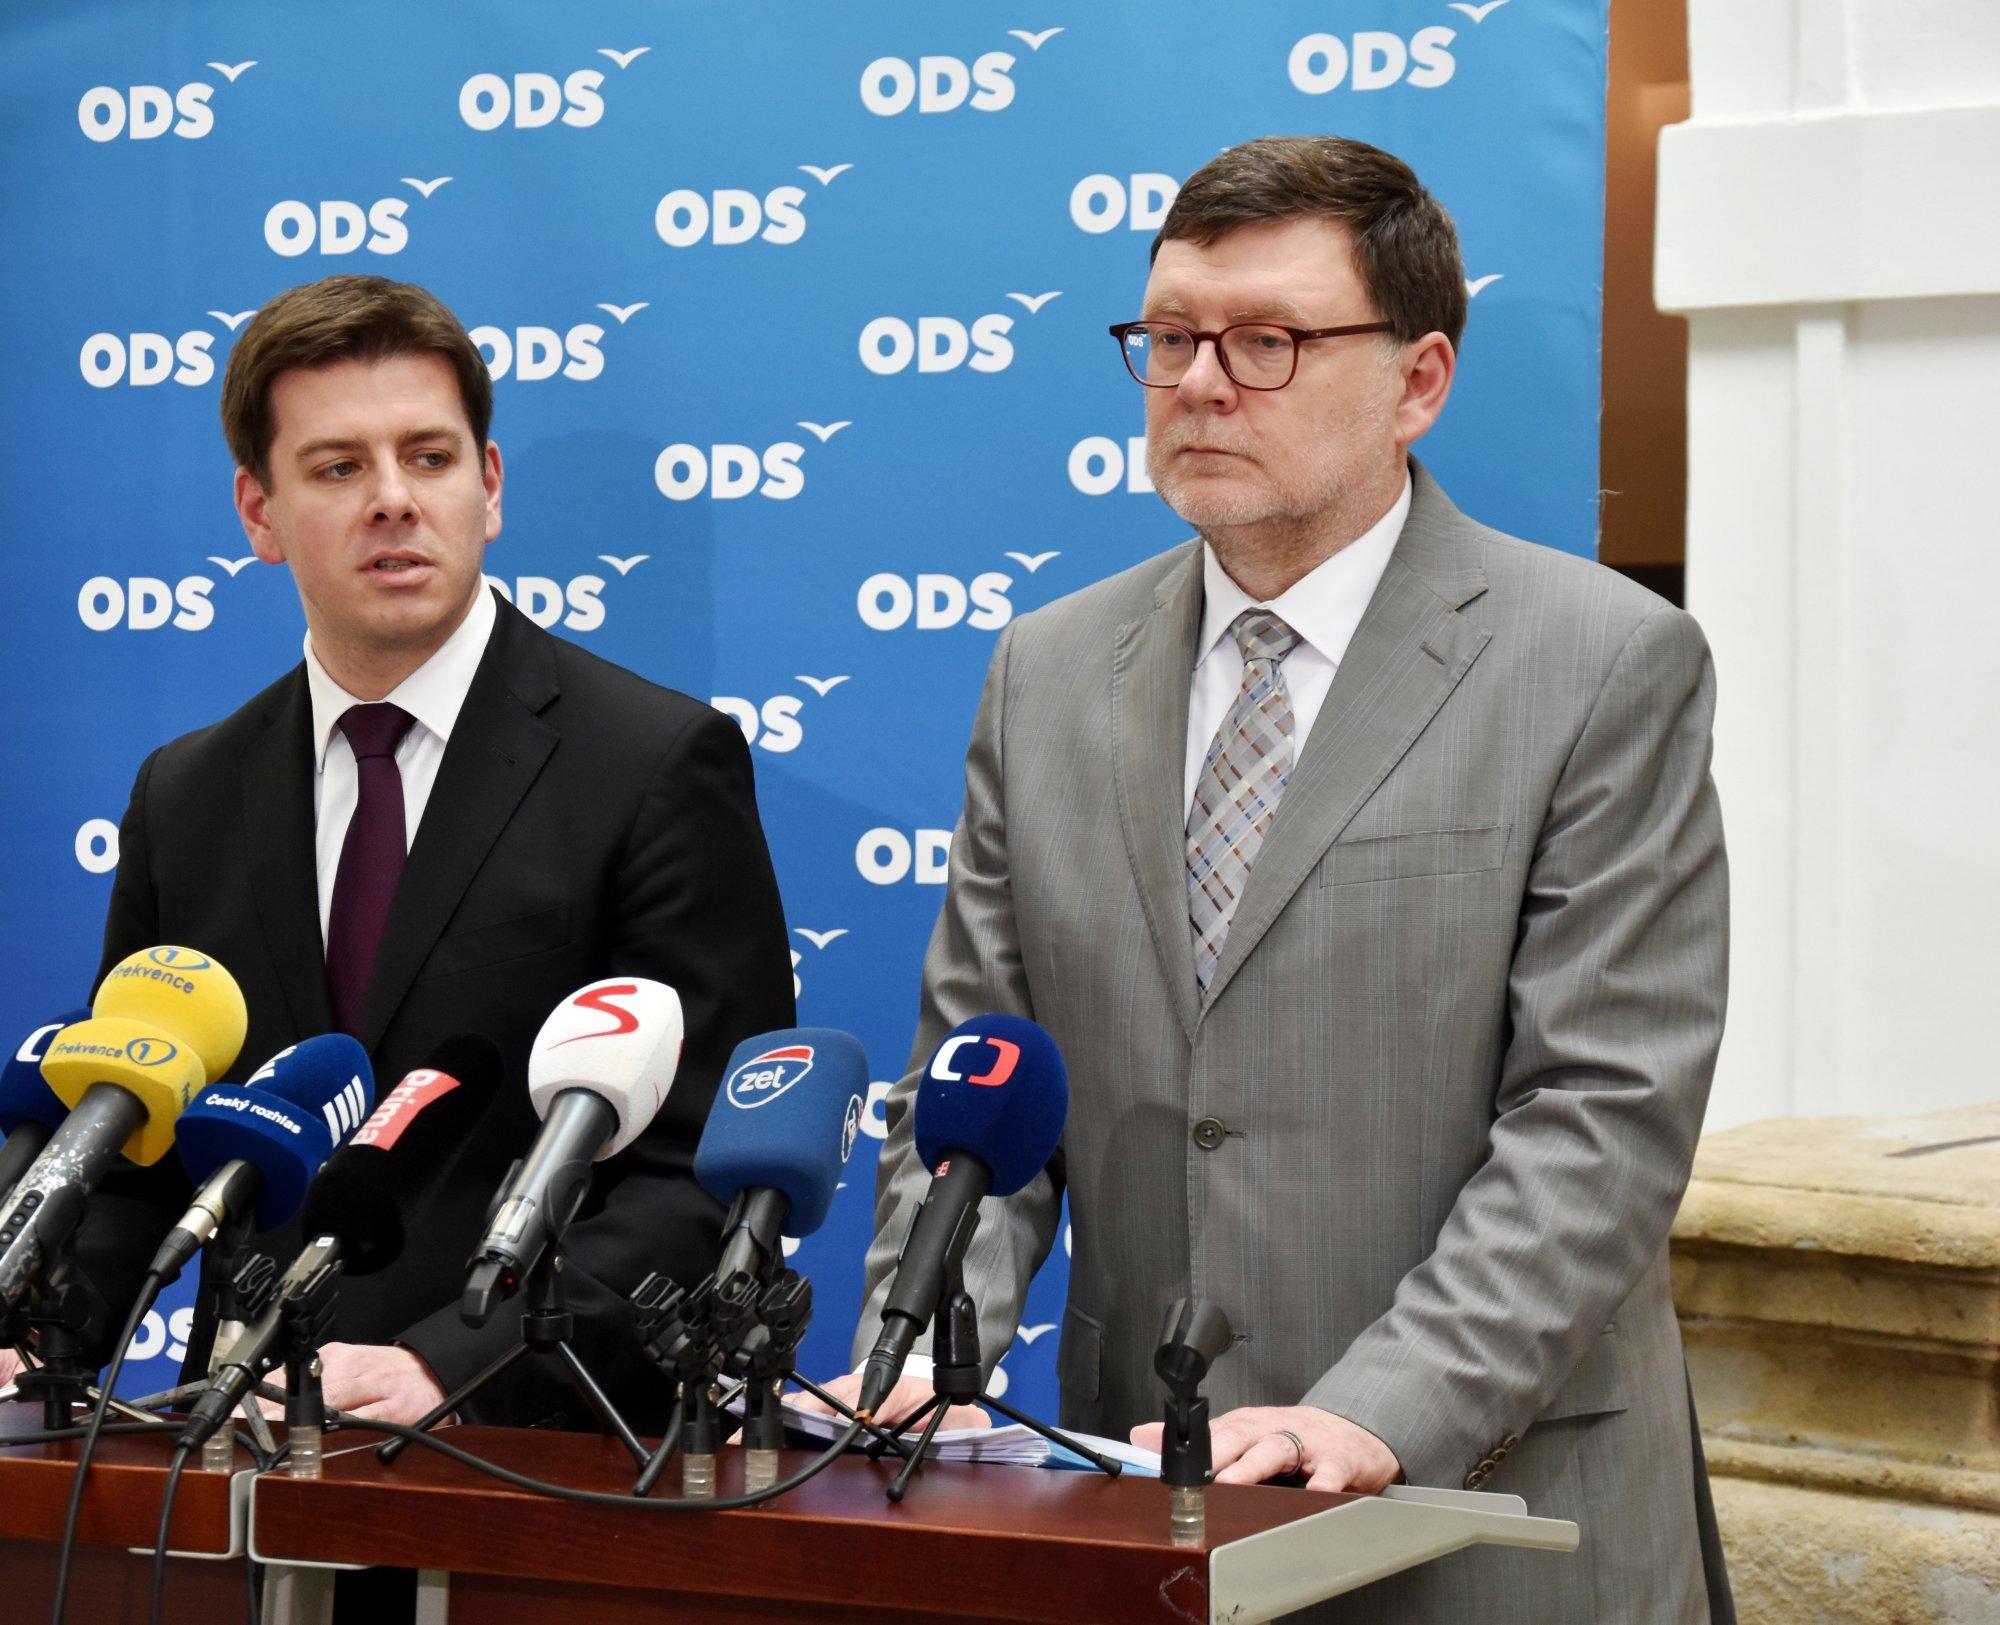 ODS: Chceme v rozpočtovém výboru najít podporu pro zrušení plánované další vlny EET